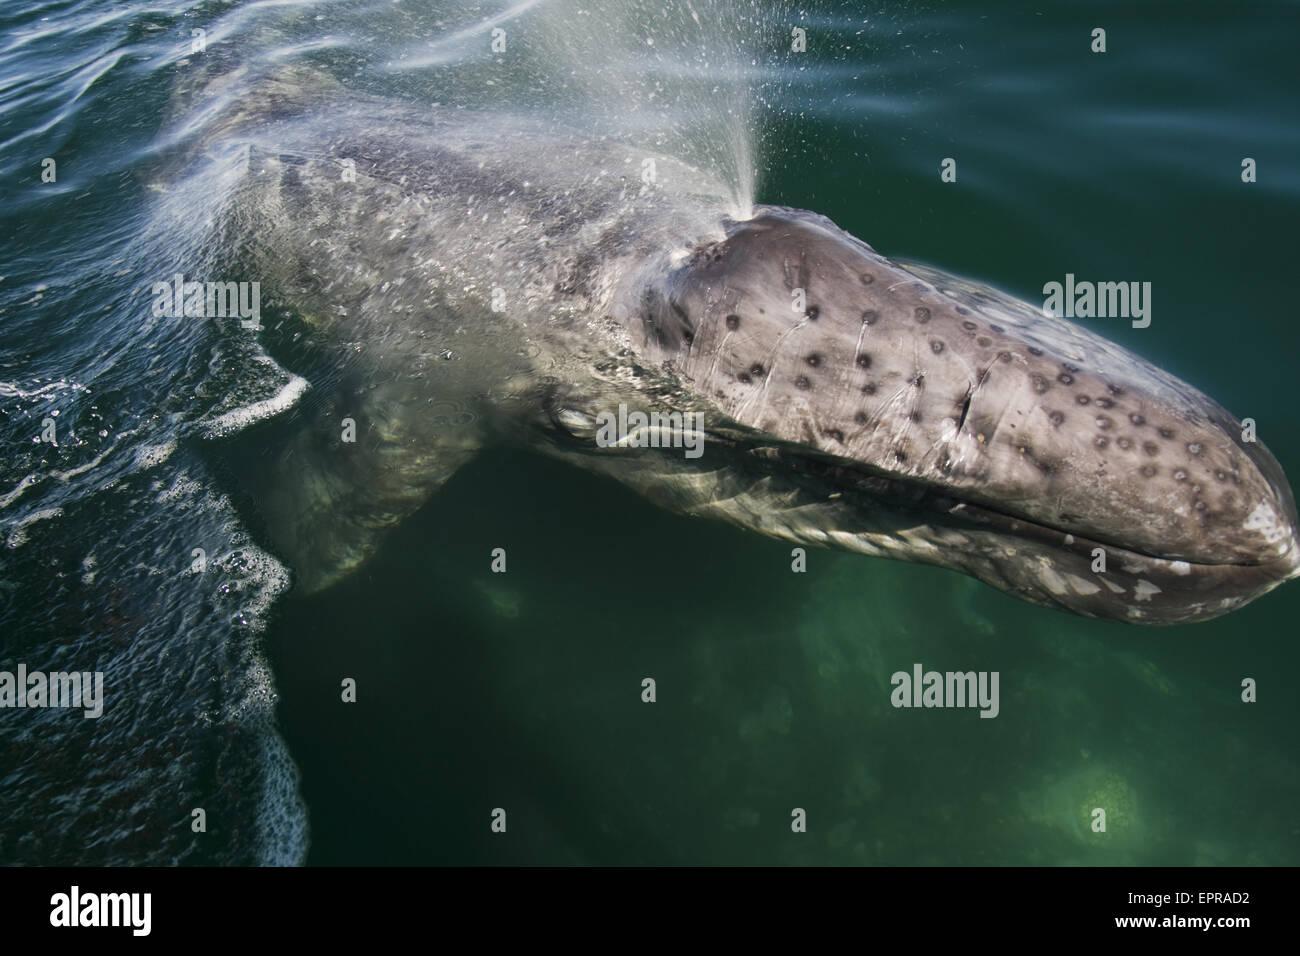 Gray whale calf (Eschrichtius robustus) in Laguna San Ignacio, Baja California, Mexico. Stock Photo